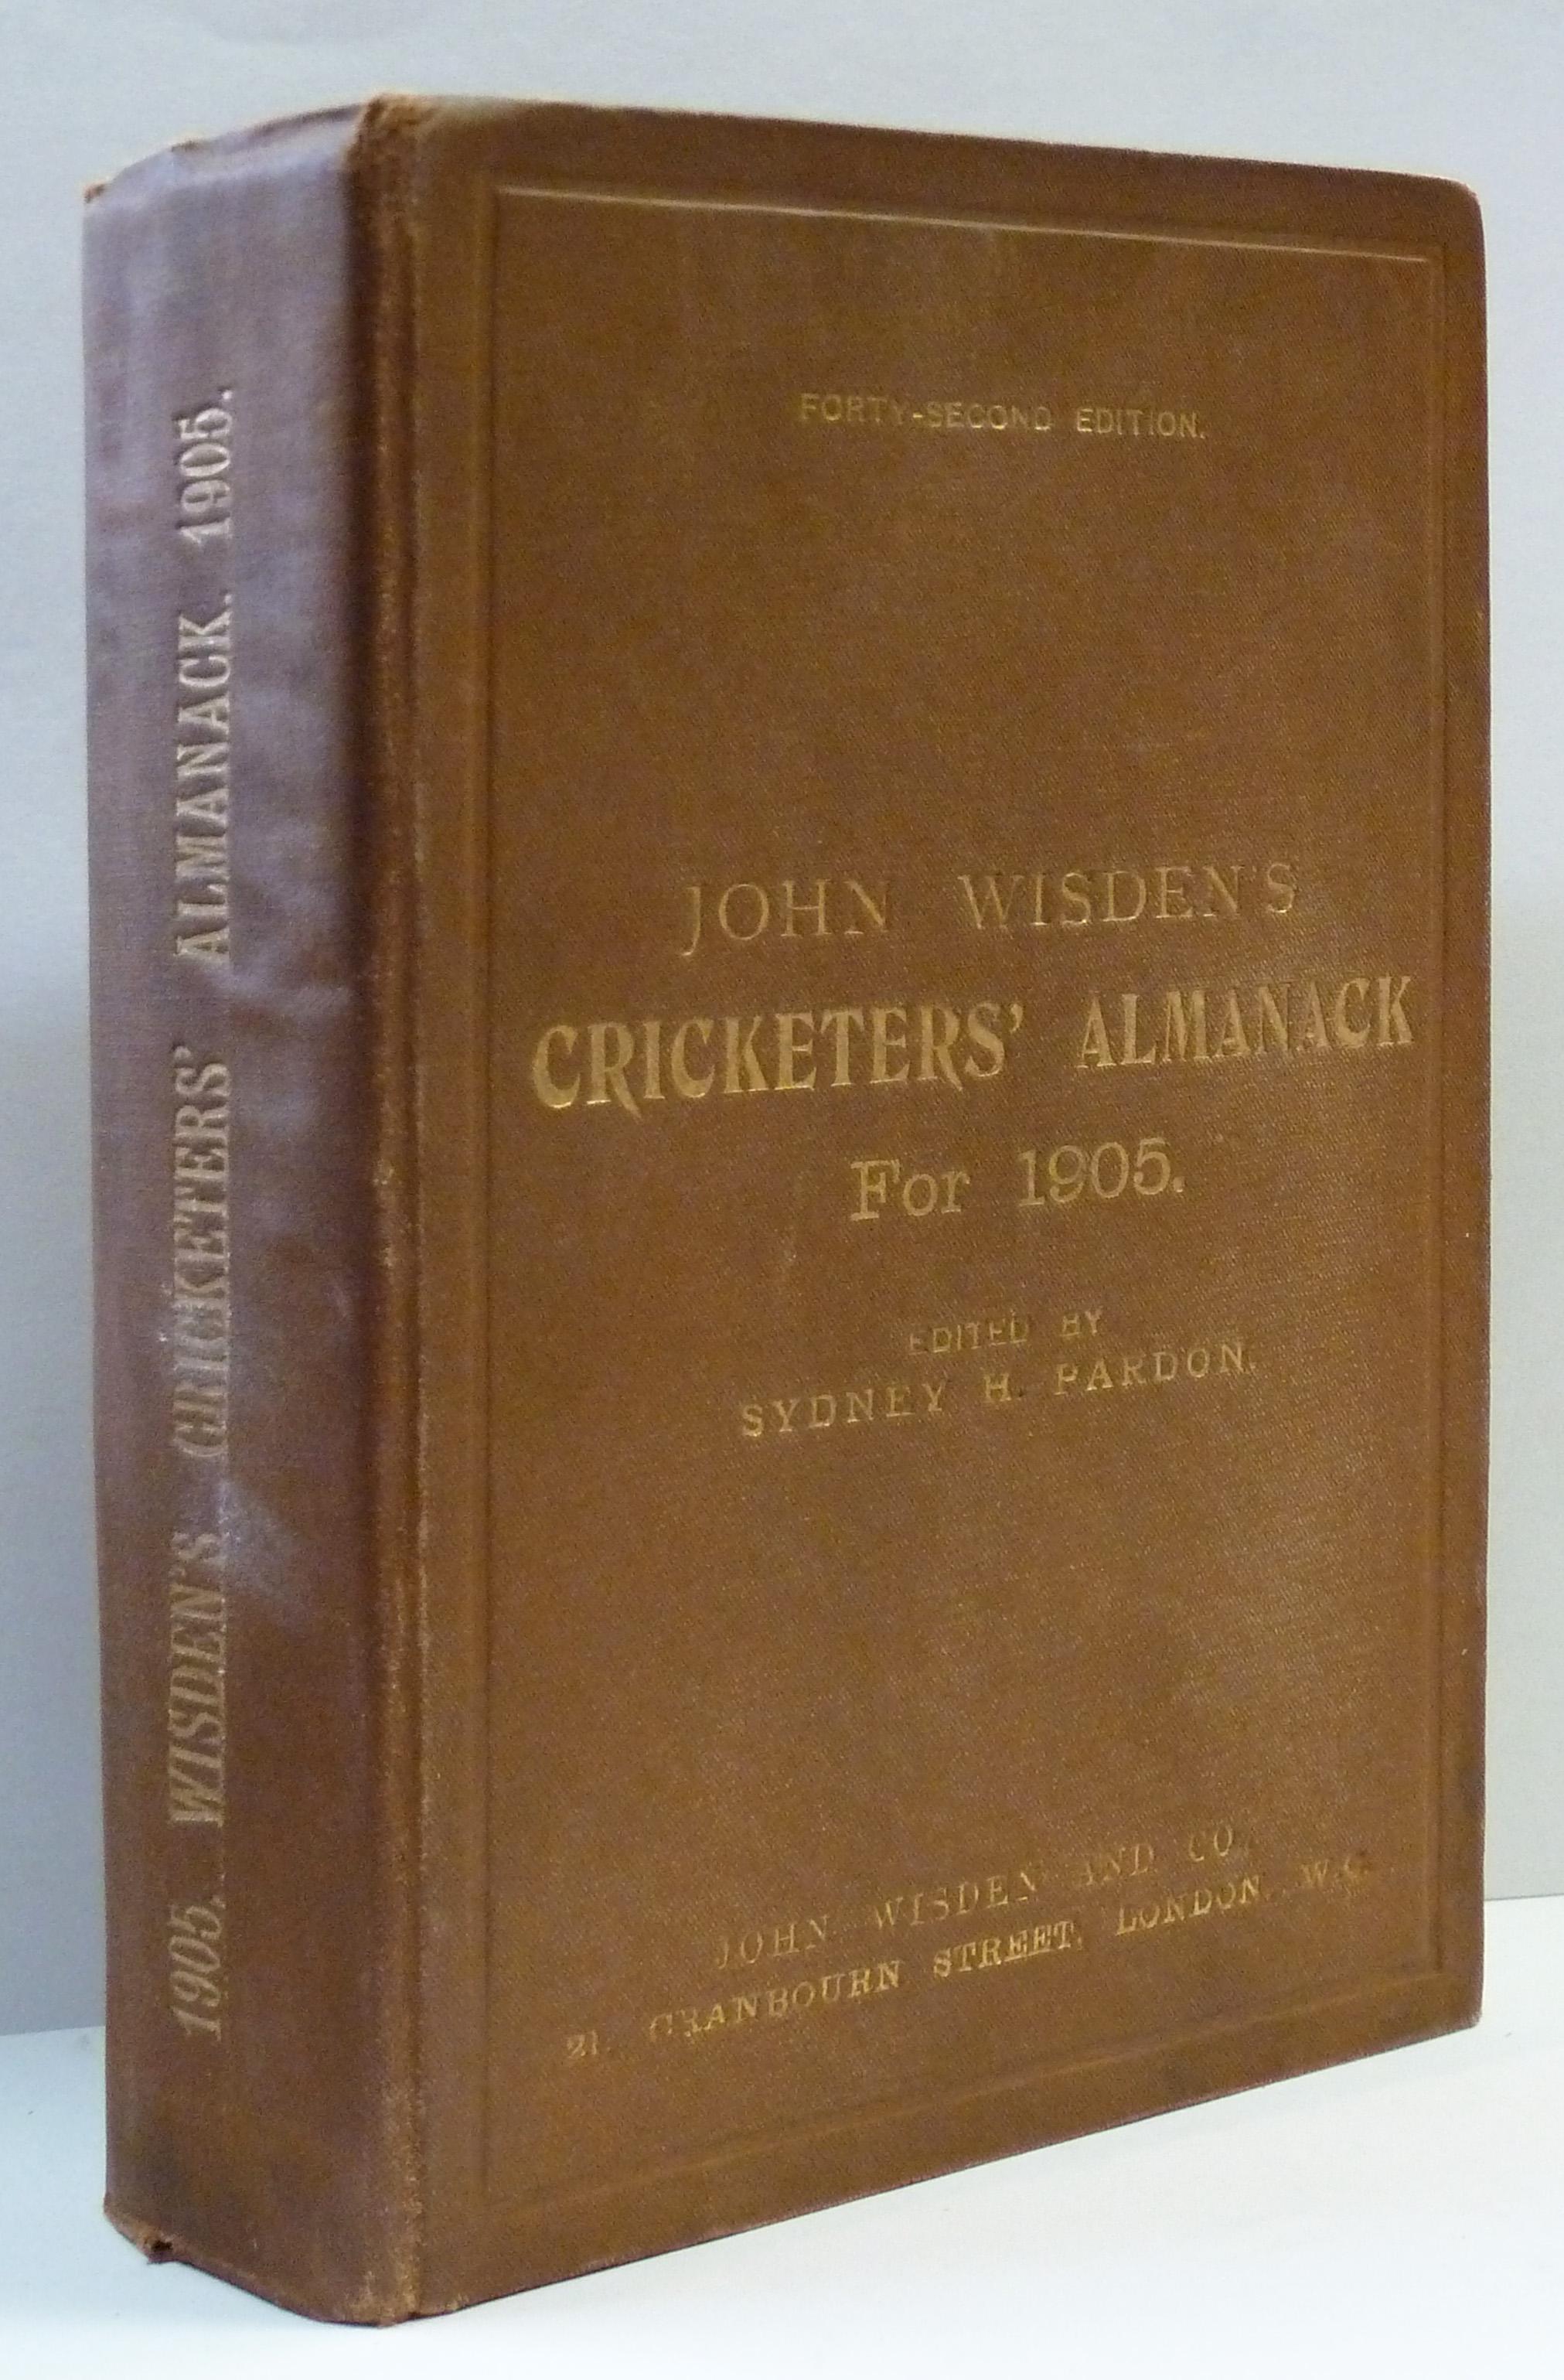 John Wisden's Cricketers' Almanack for 1905